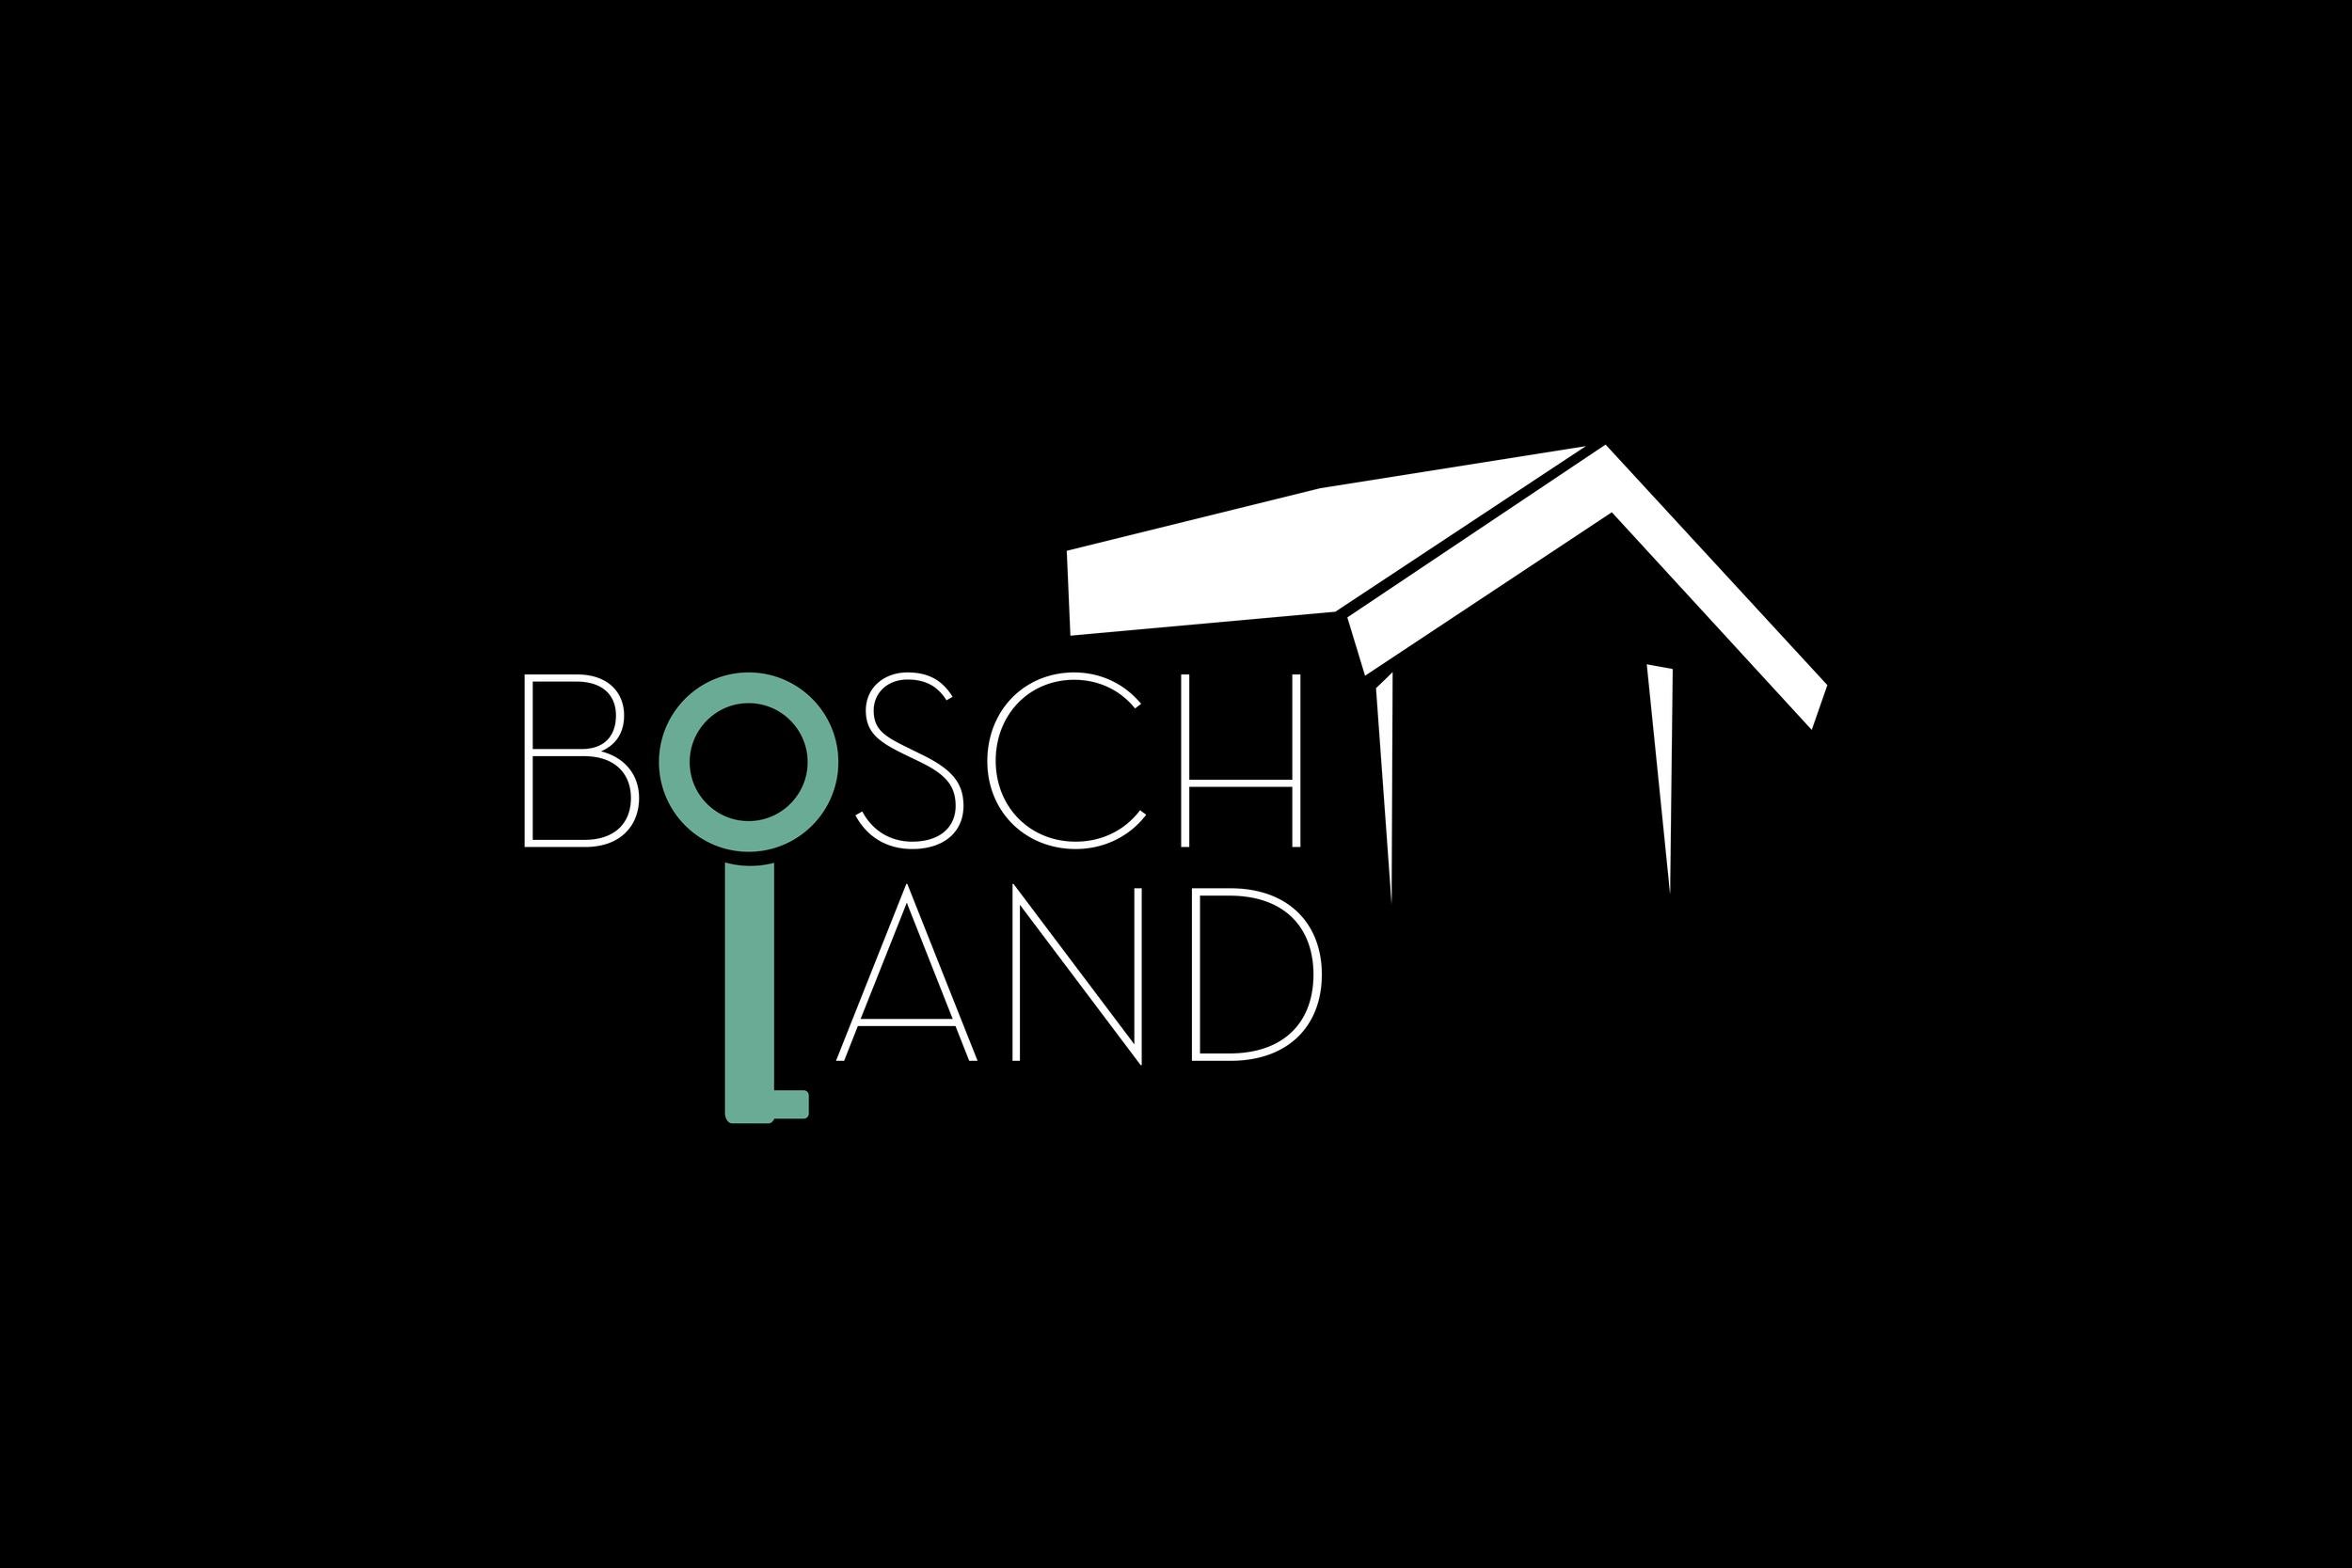 Boschland.jpg